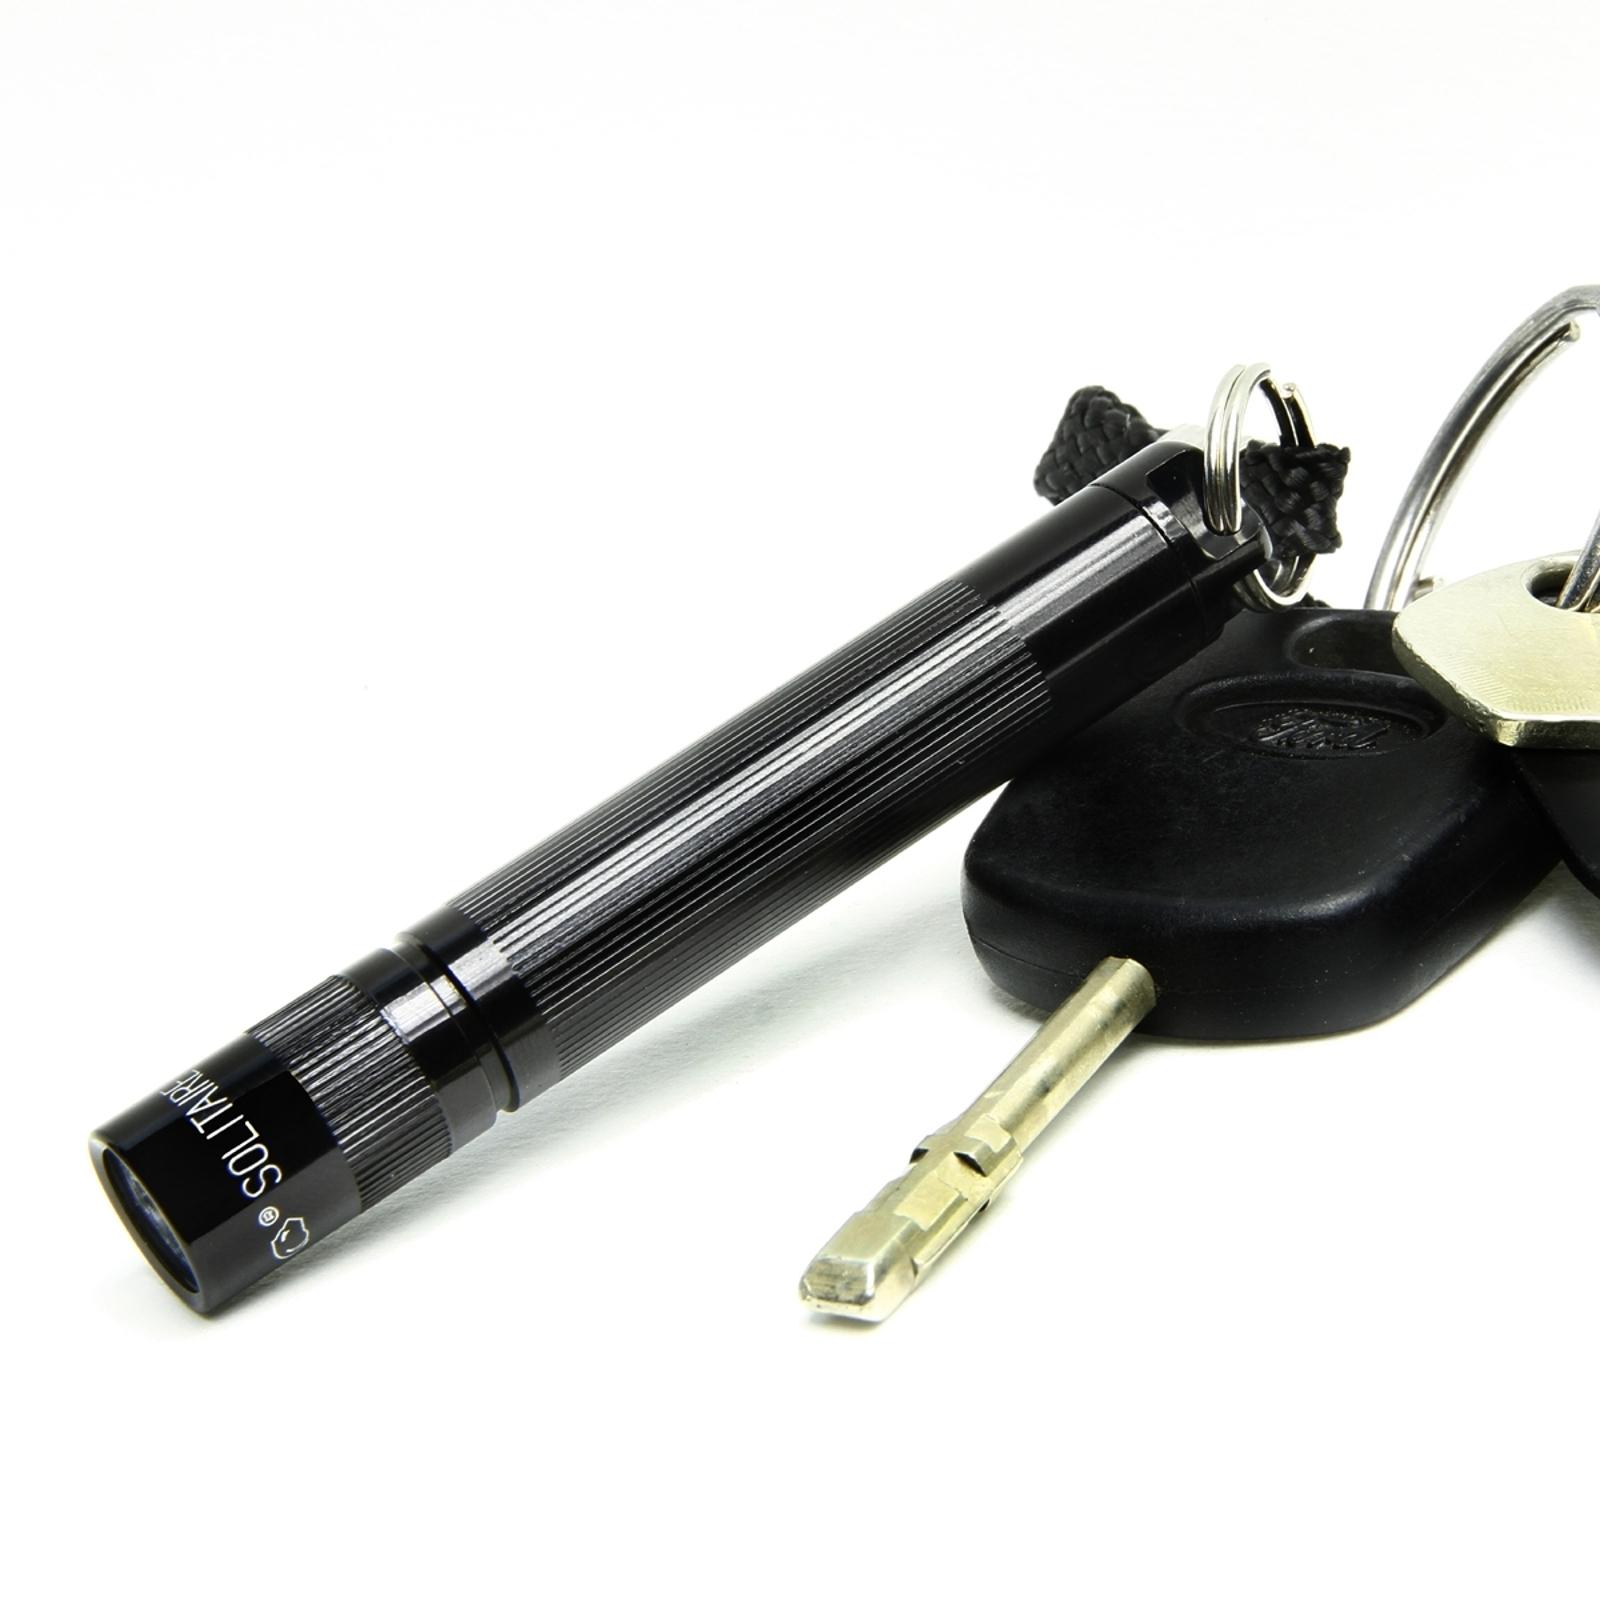 Torcia portatile Maglite Solitaire nera